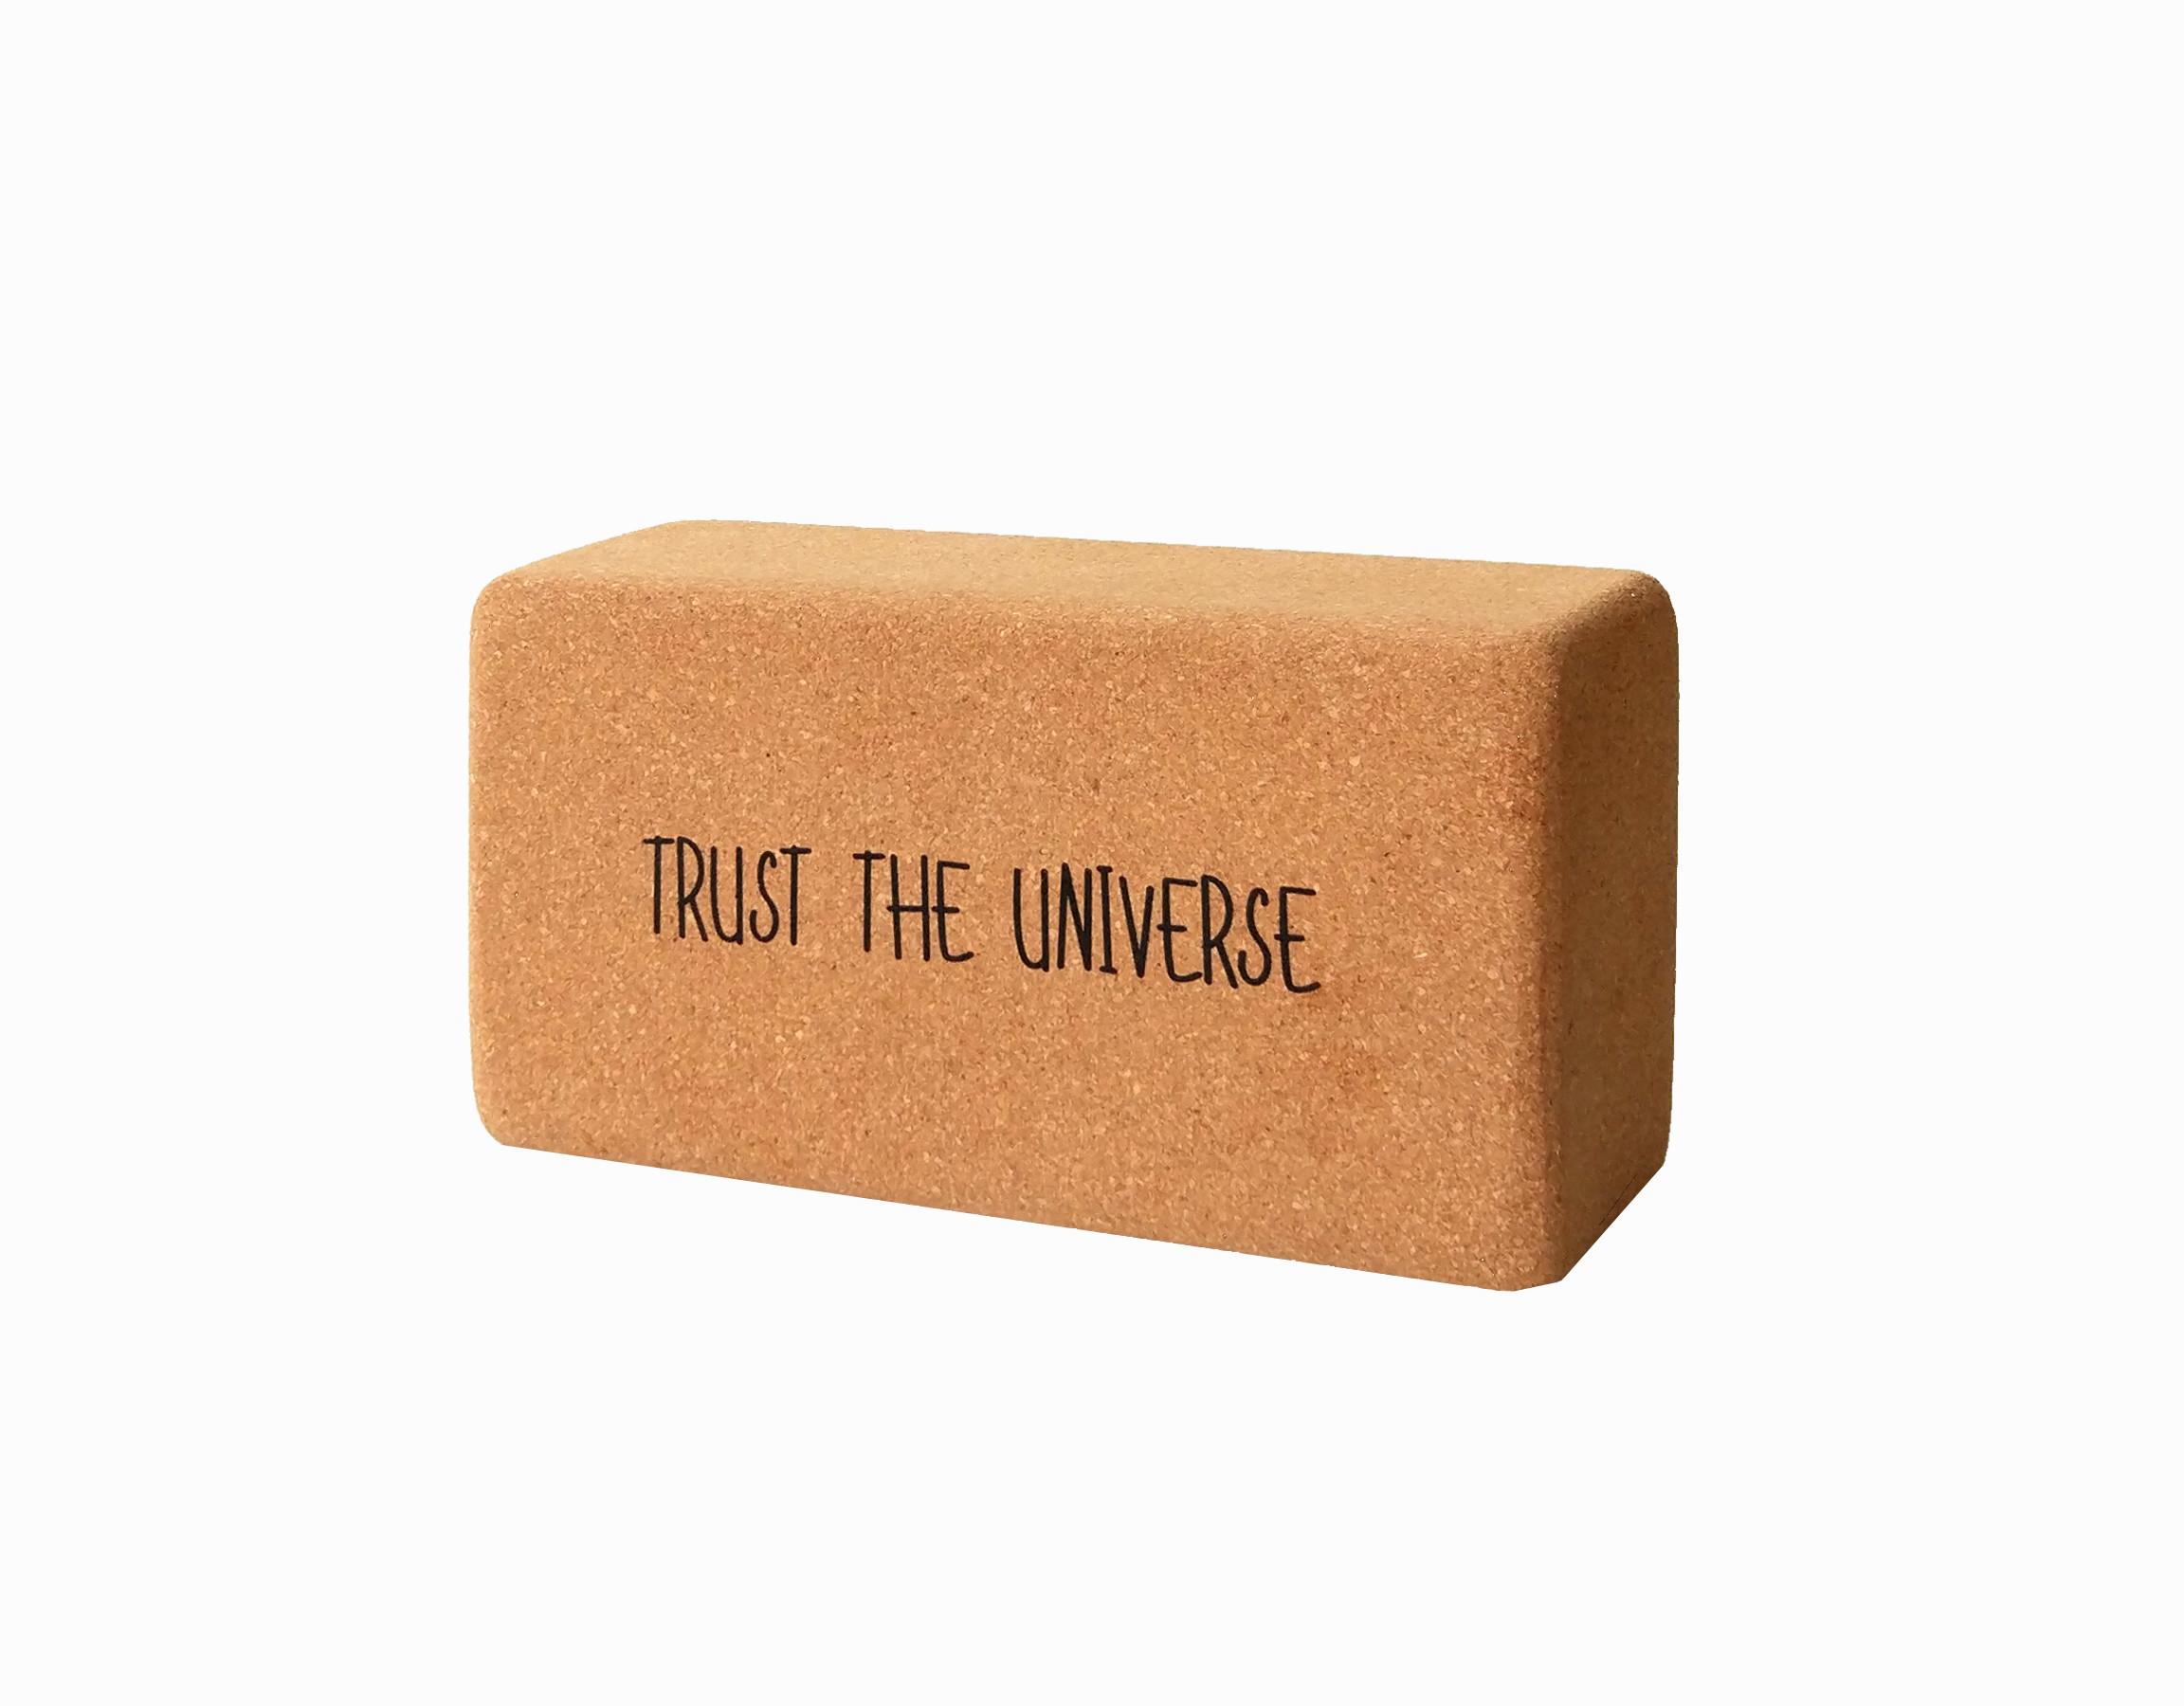 Кирпич для йоги из пробки с принтом Trust the Universe YC (0.9 кг, 7 см , 22,5 см, коричневый, 11 см)